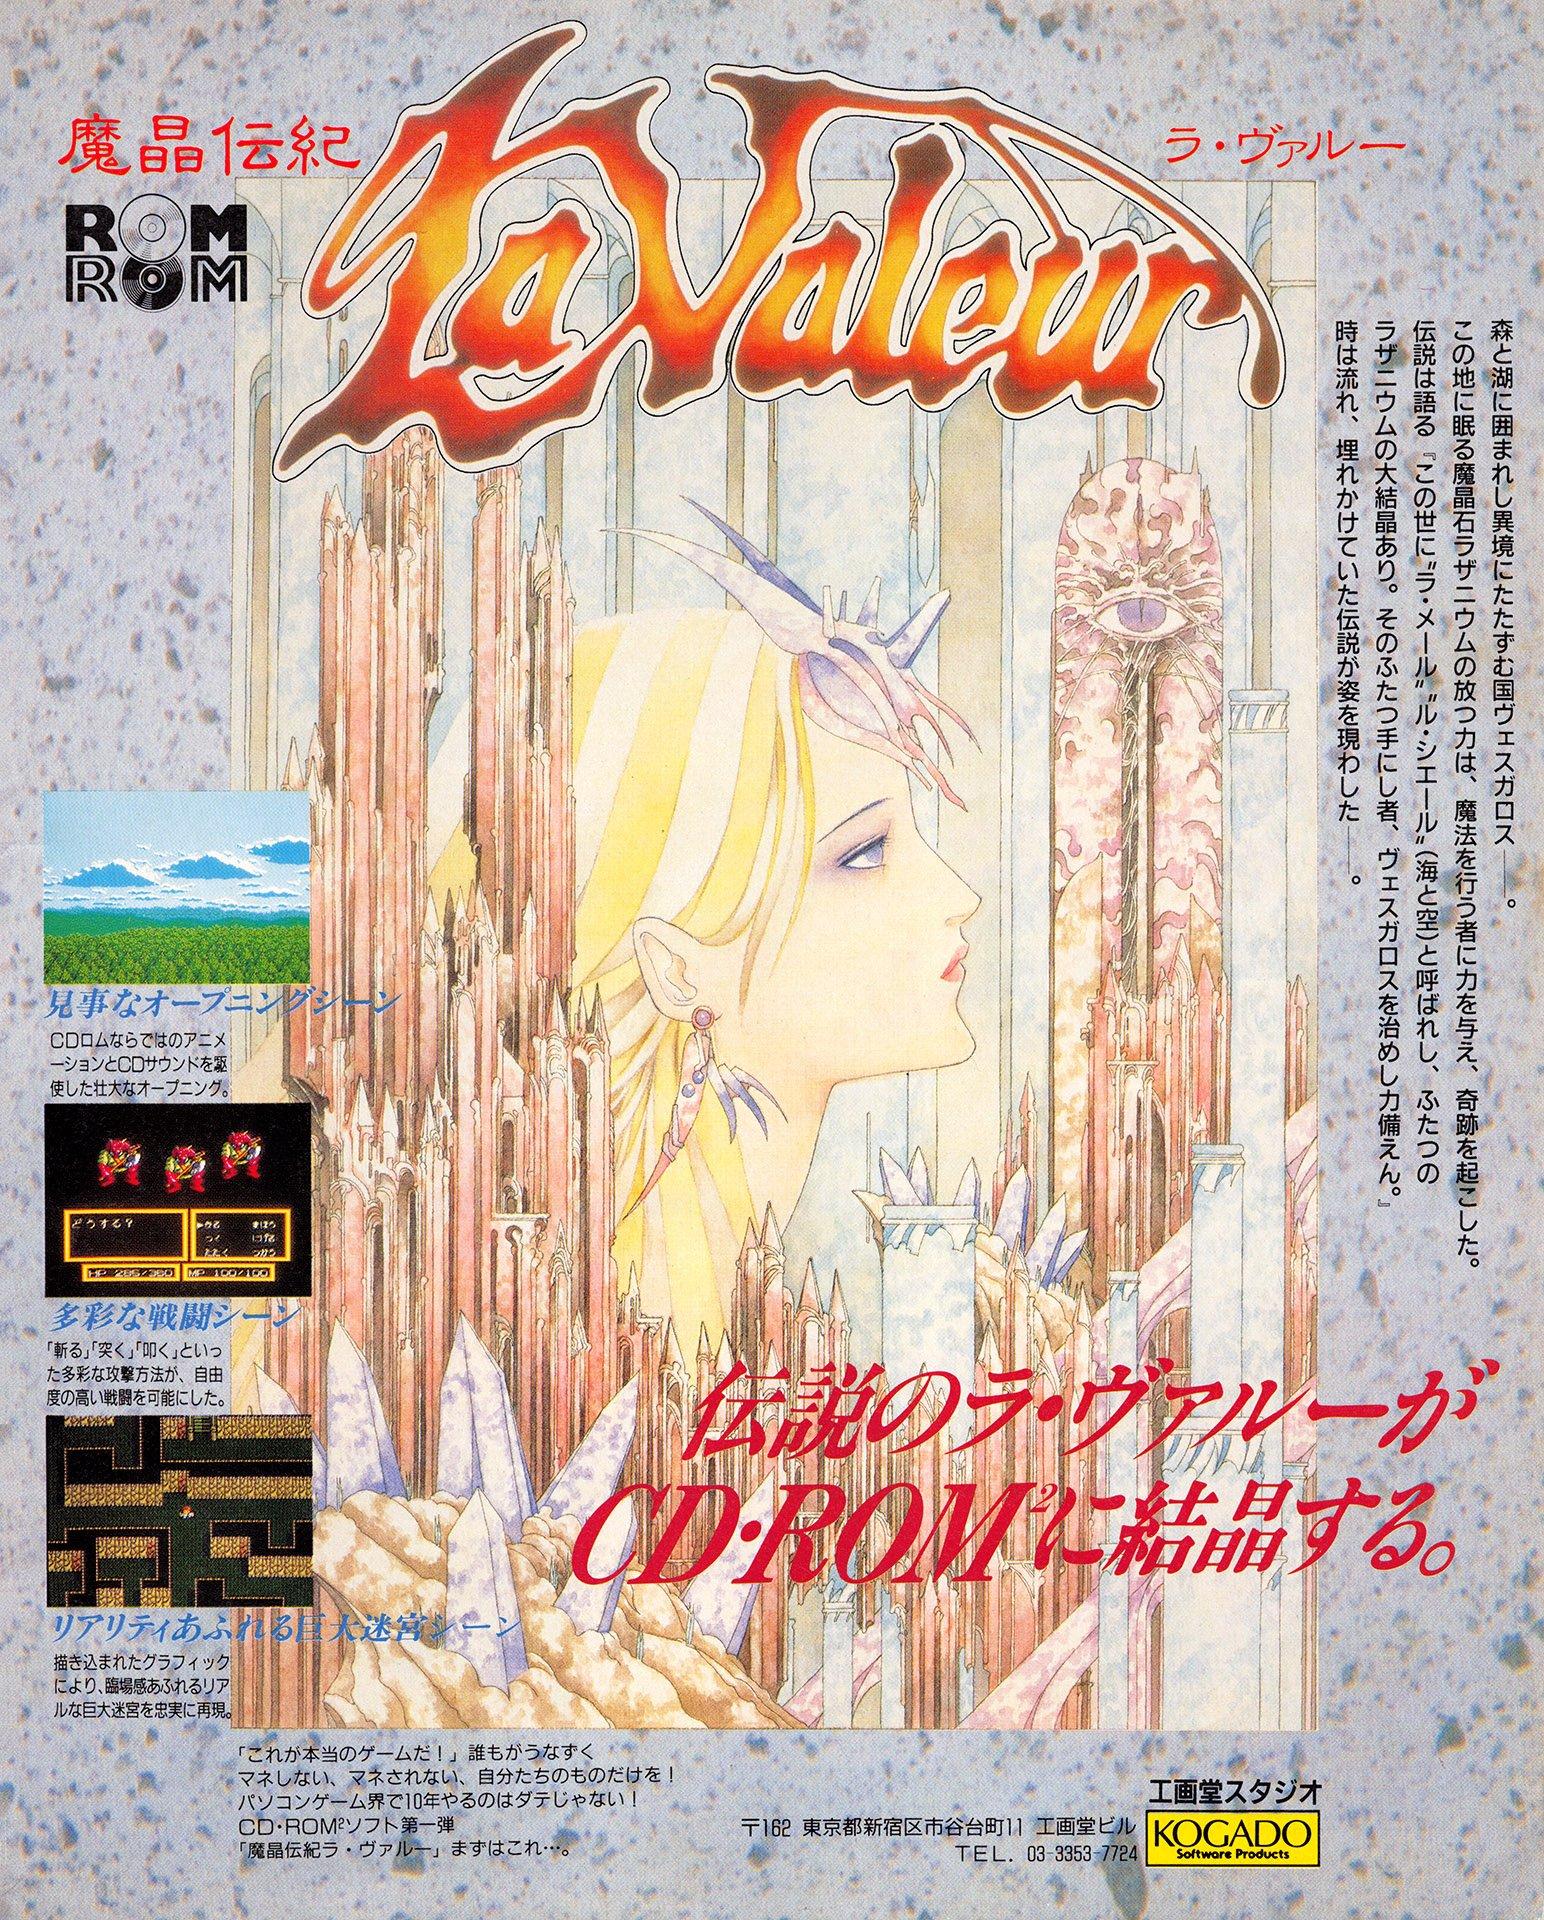 Mashō Denki: La Valeur (Japan)